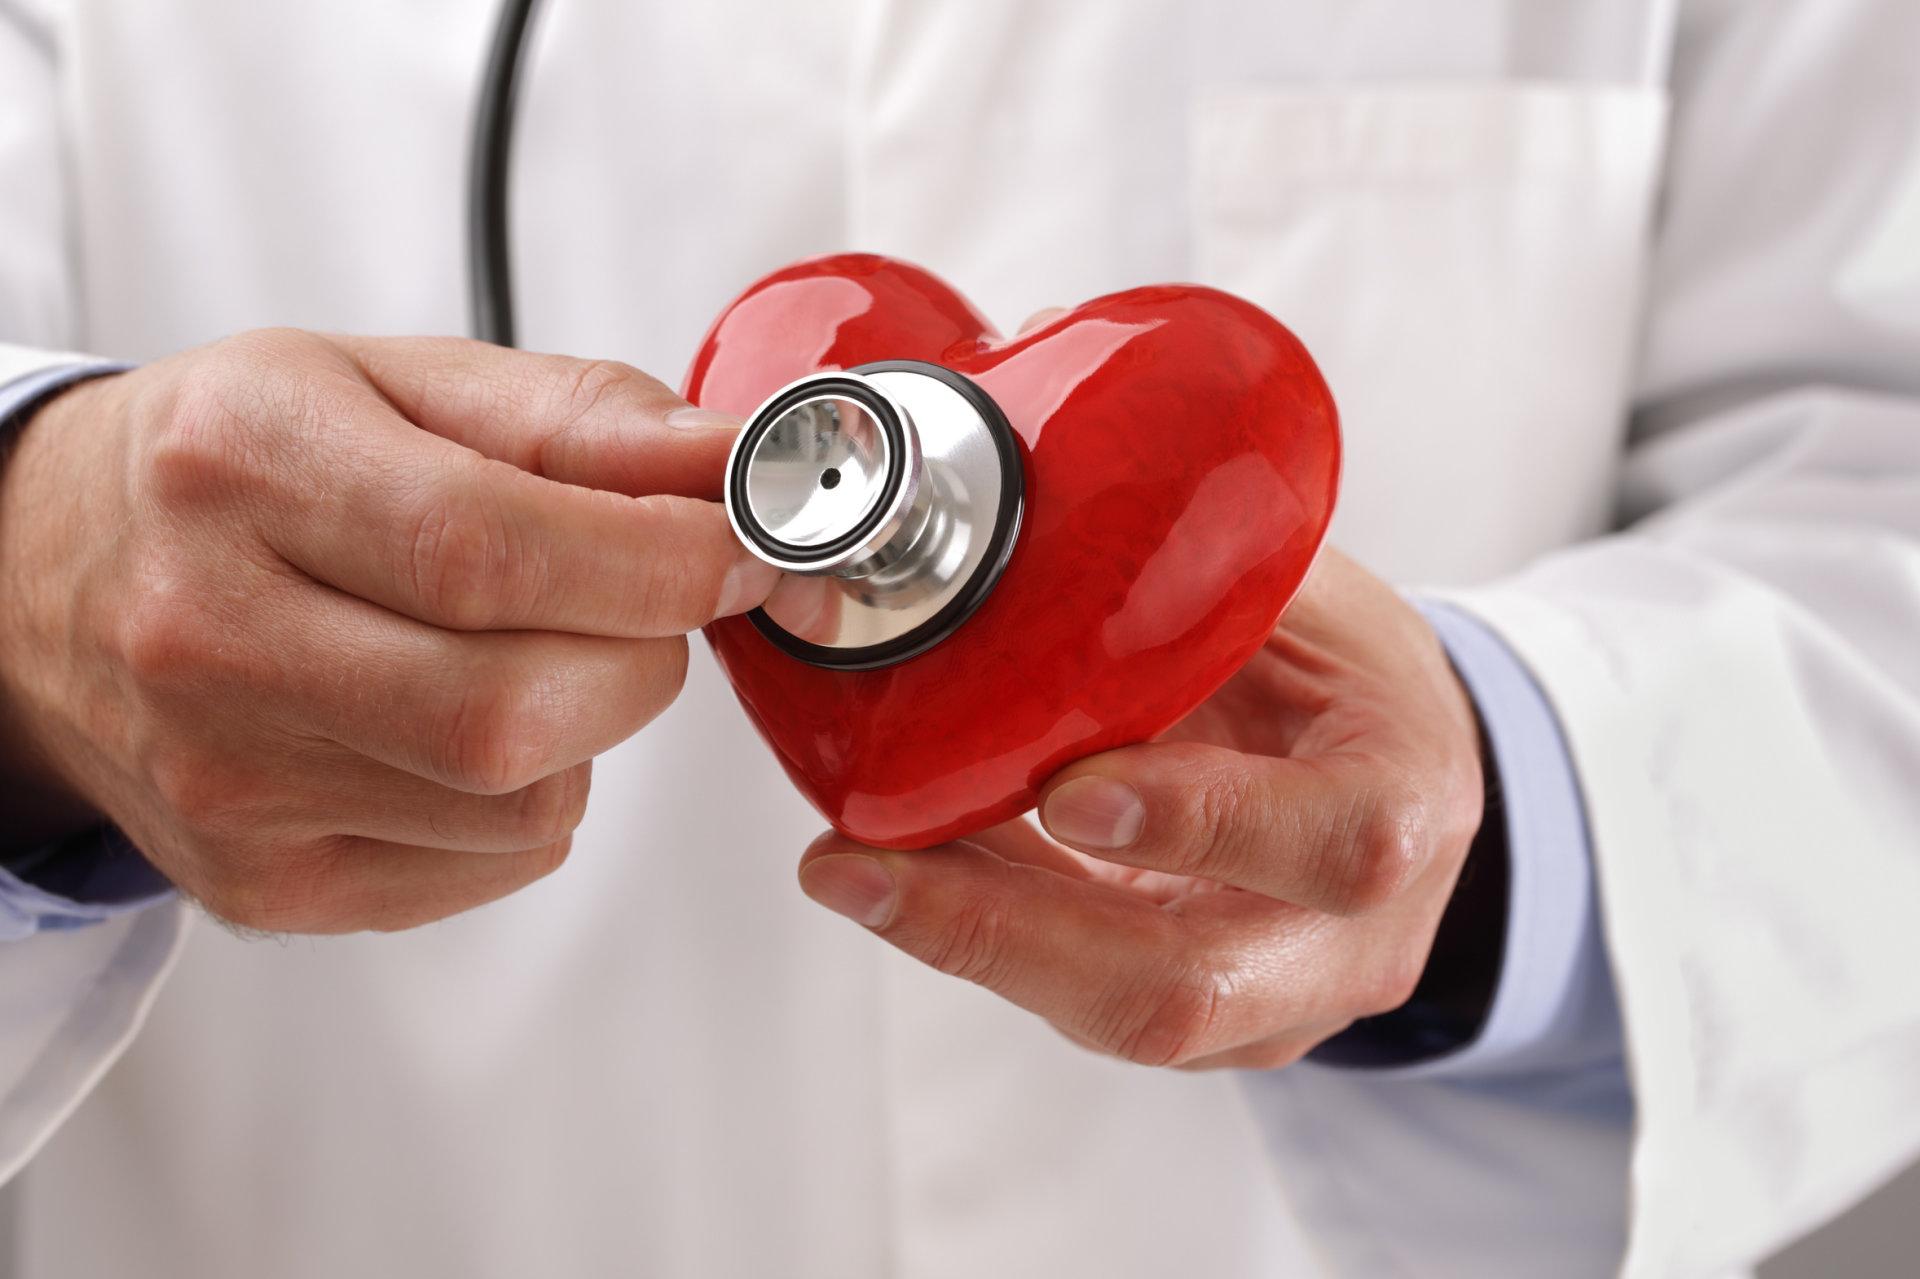 sveikata 4 gyvenimo širdis laisvos išmatos hipertenzijai gydyti